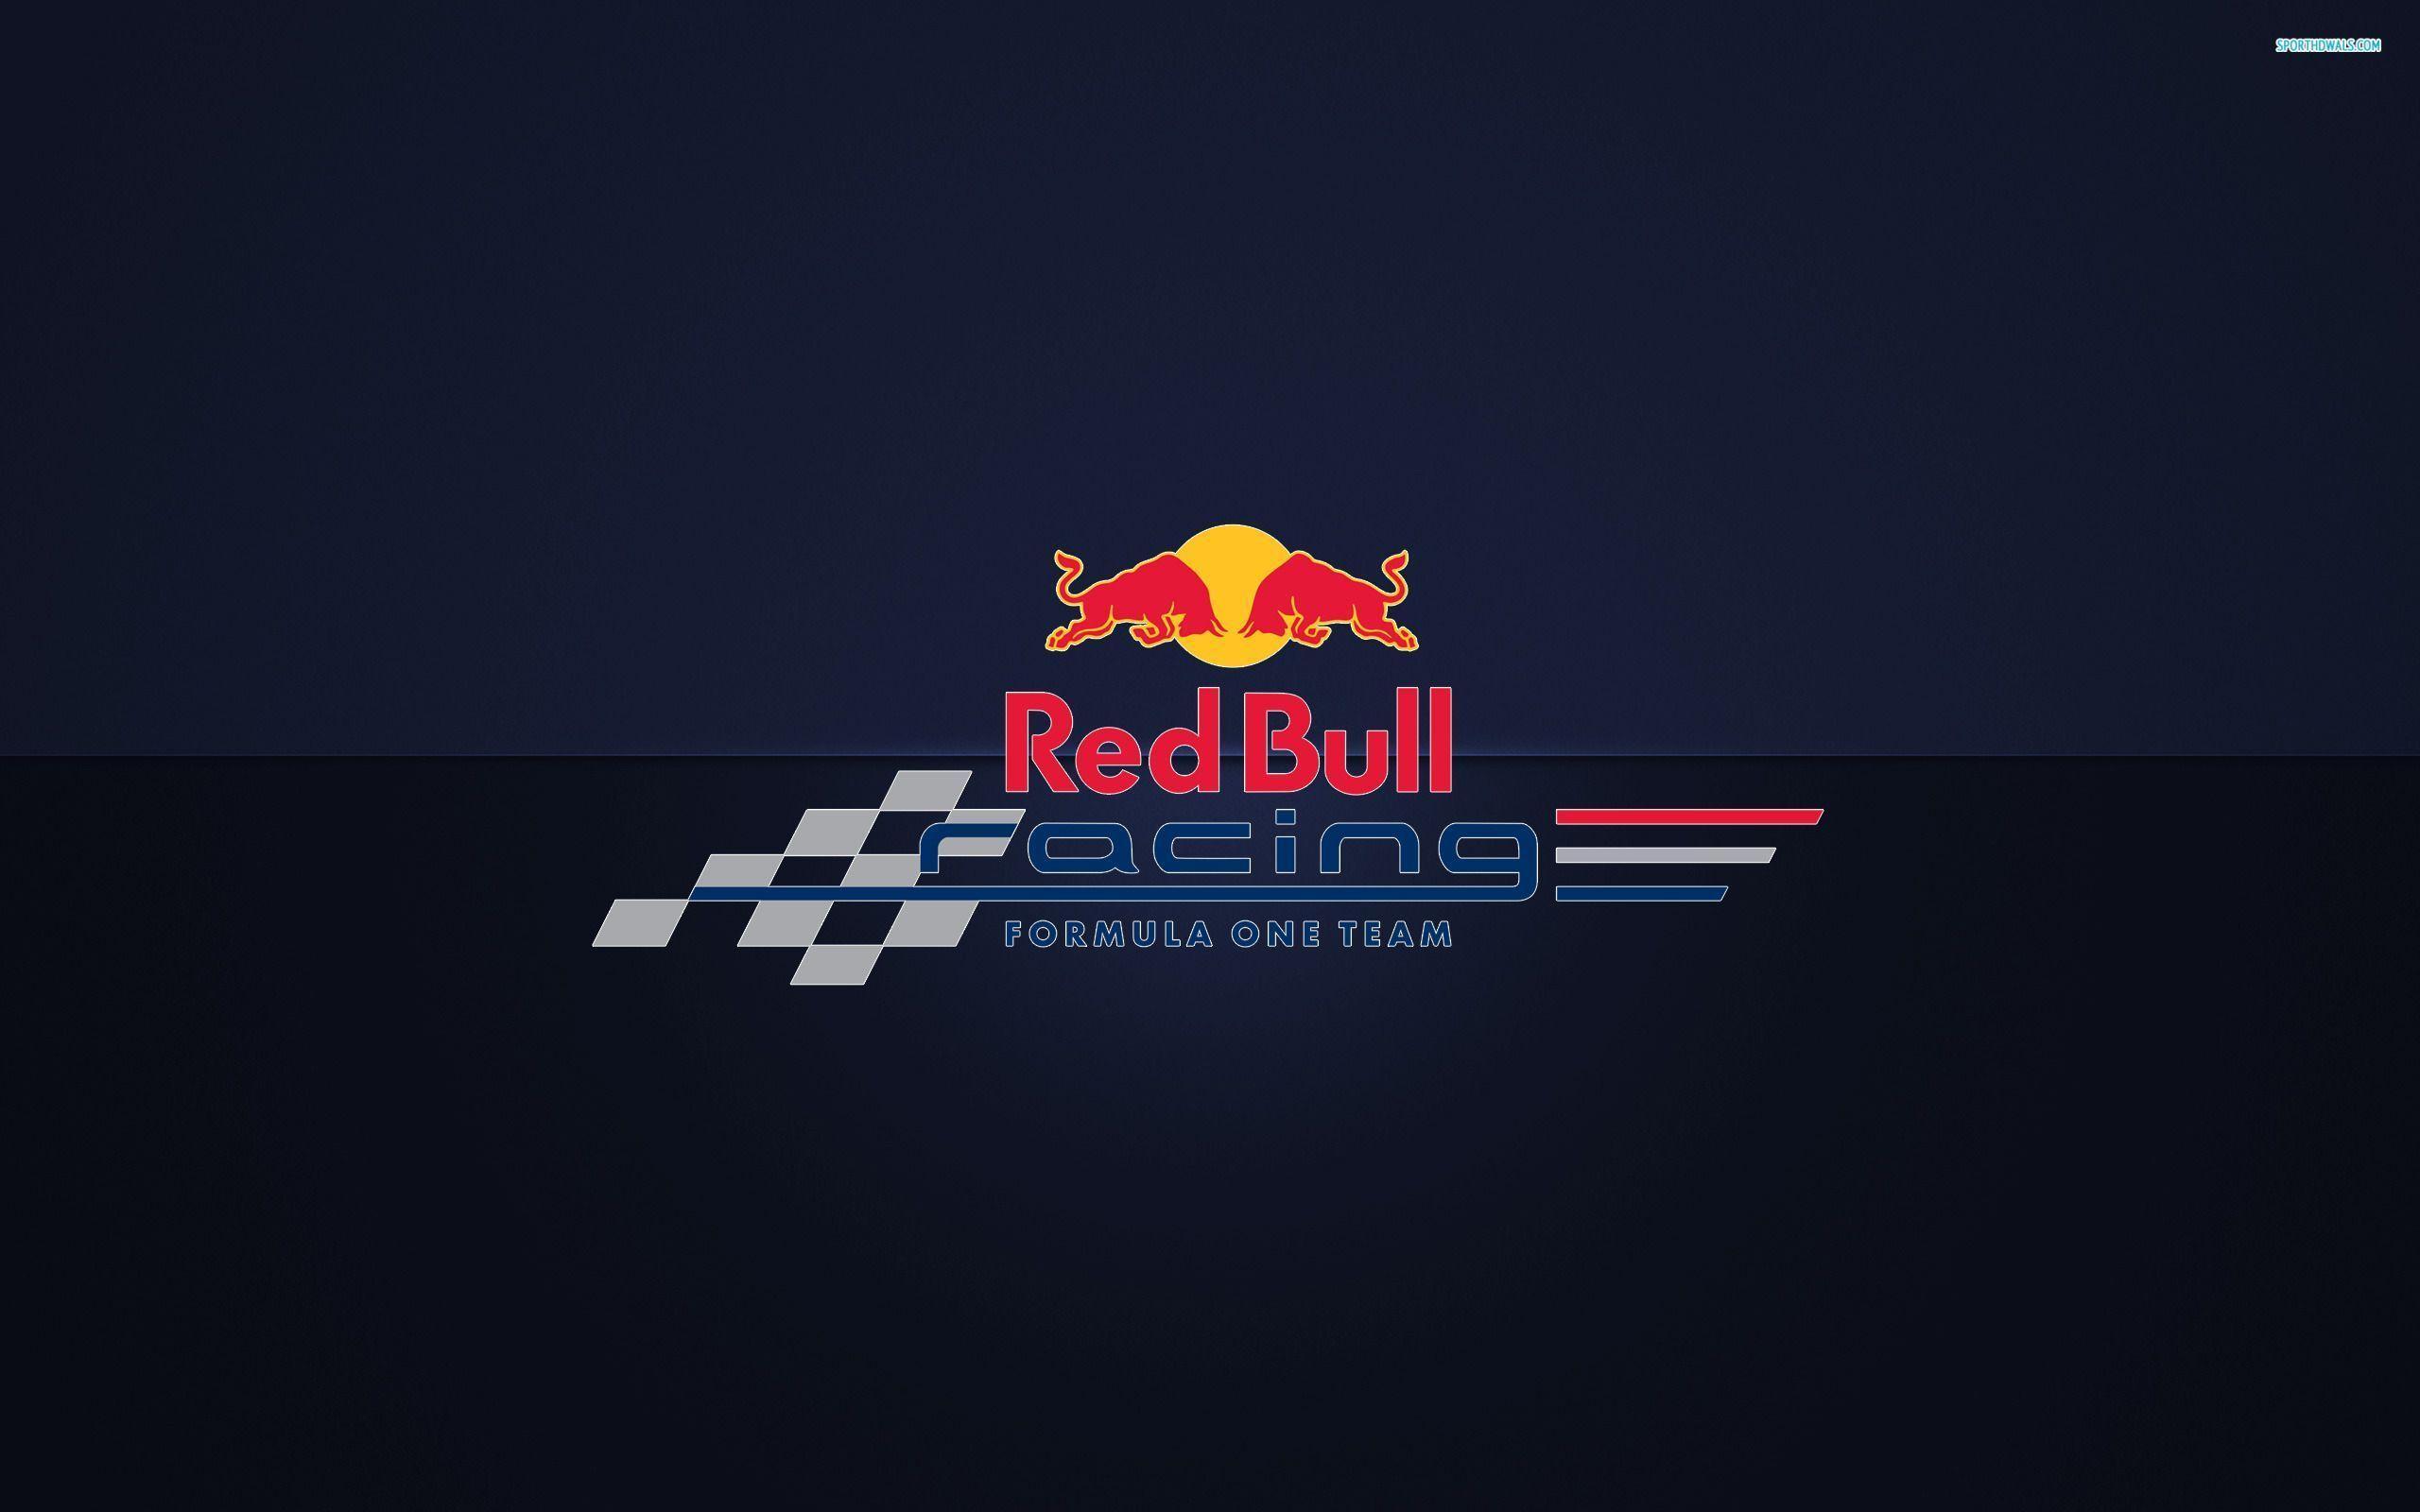 red bull racing wallpapers 2018